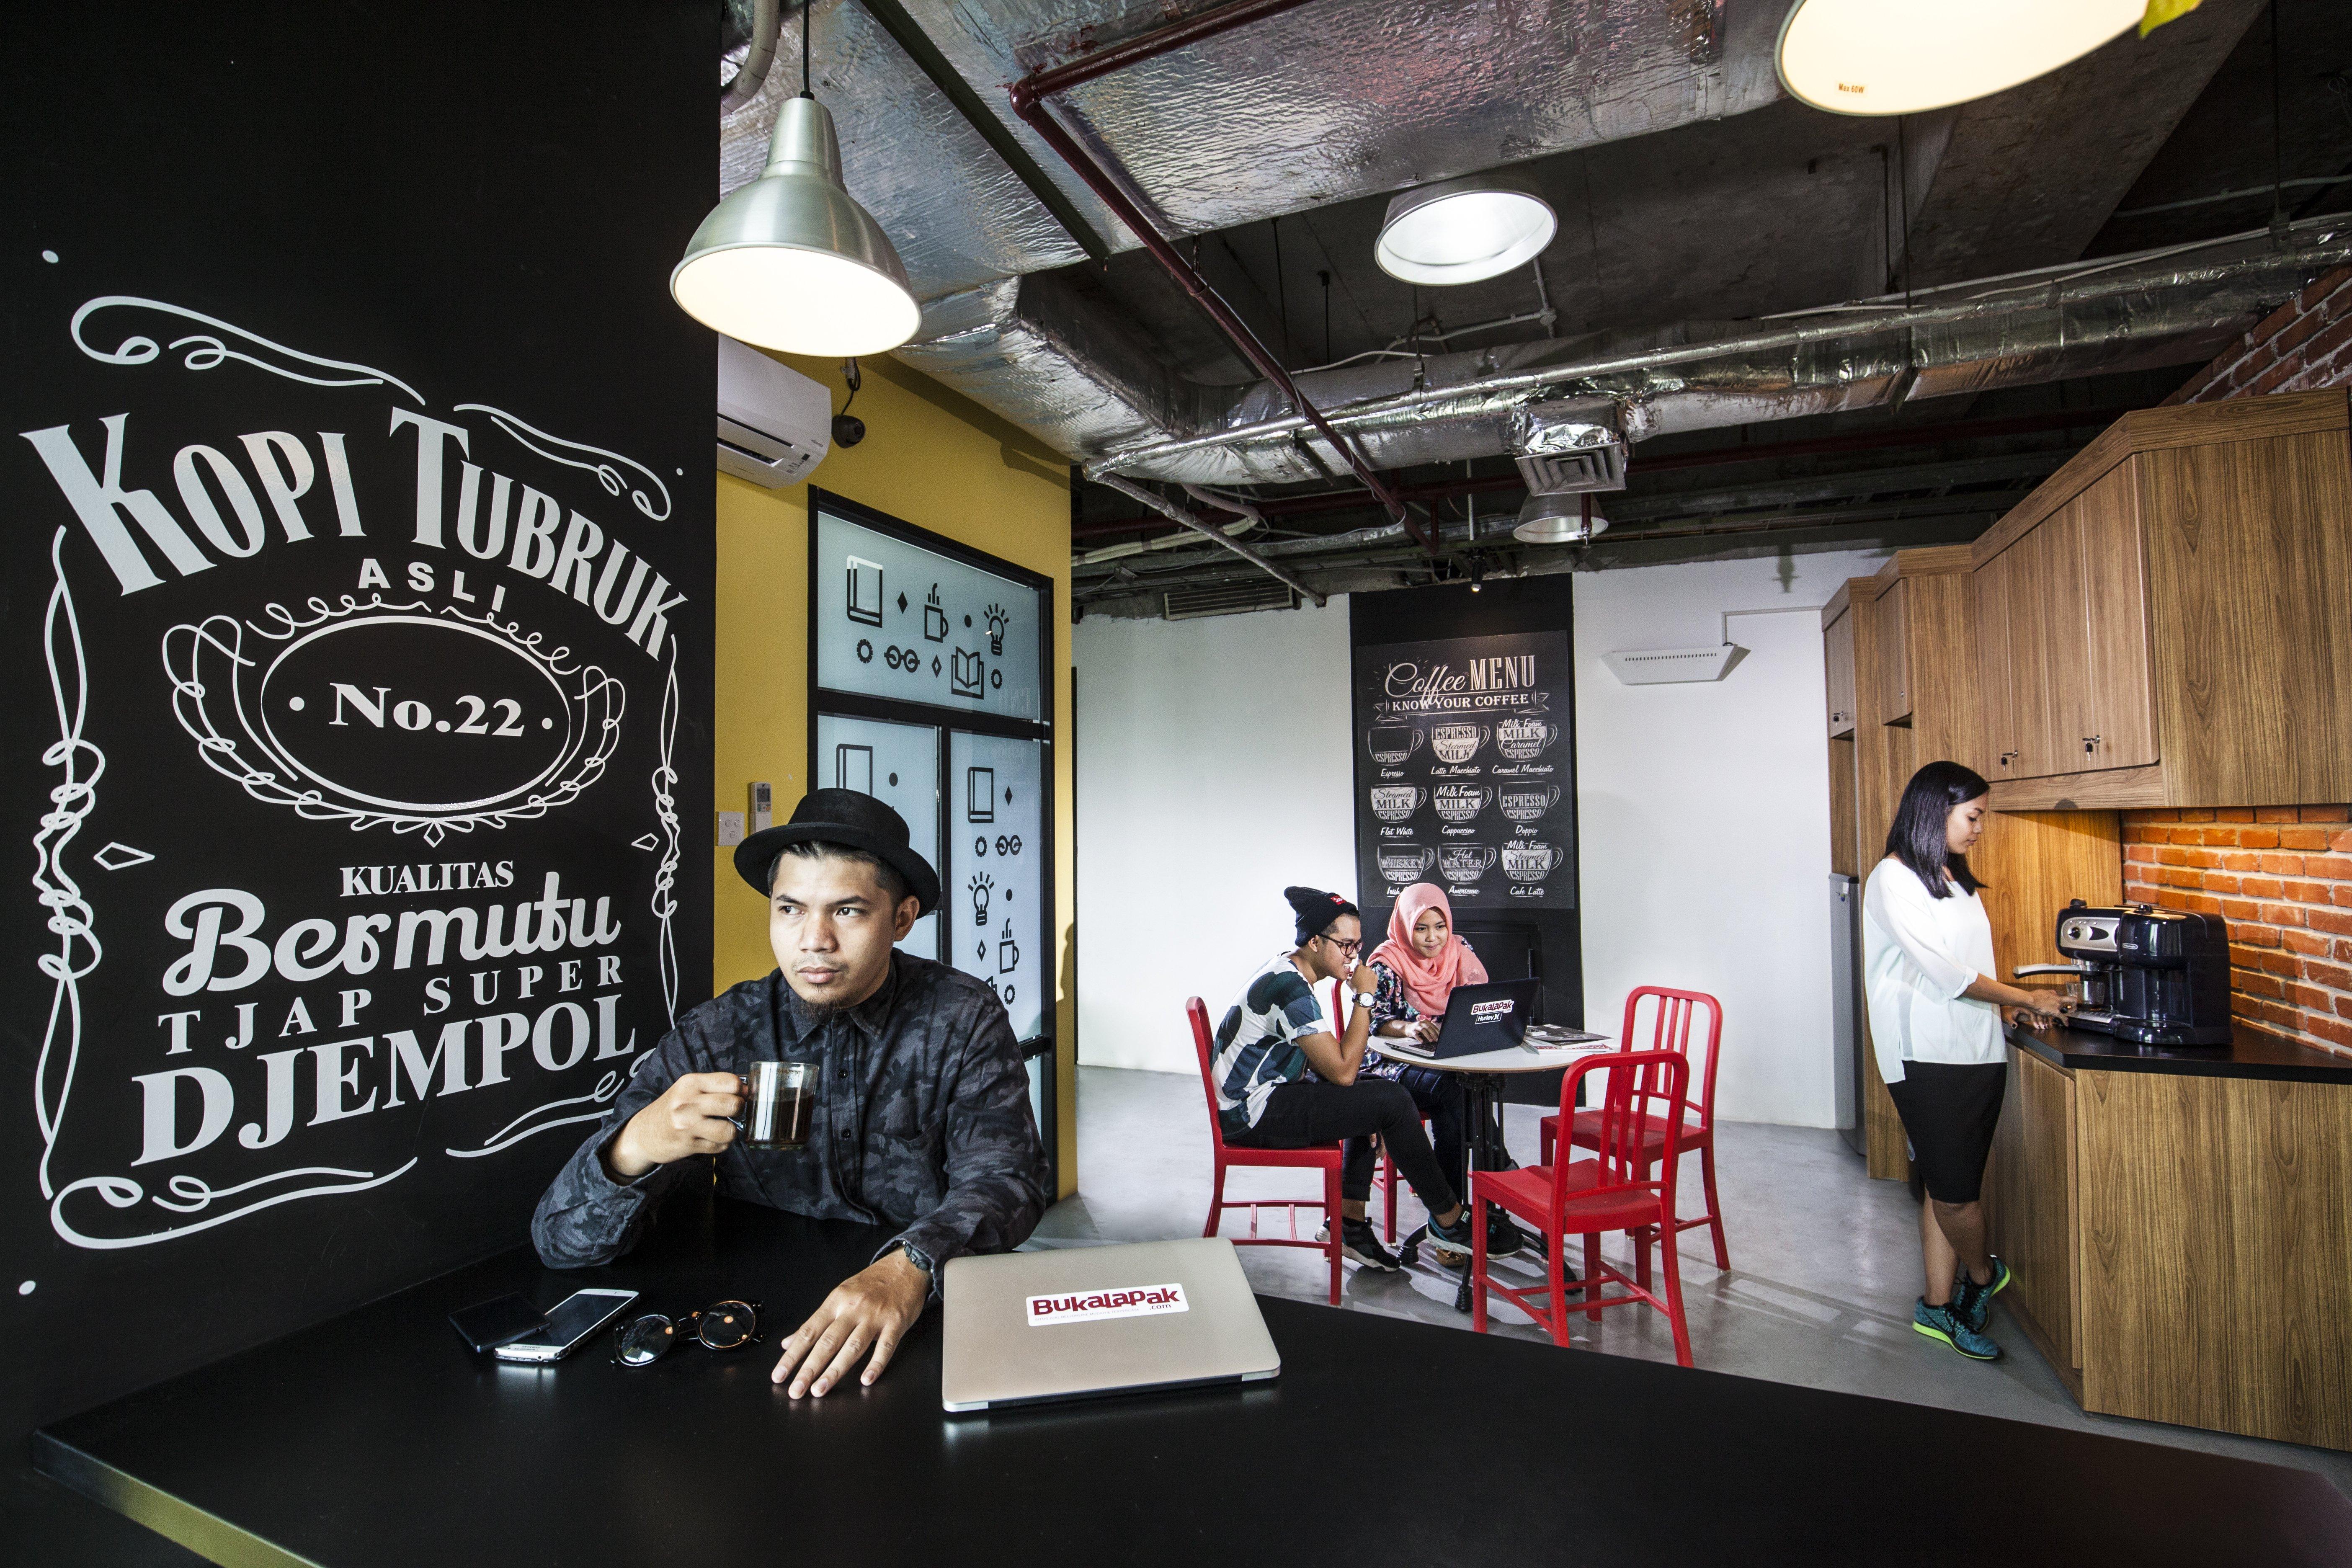 Kedai yang cozy bisa meningkatkan mood